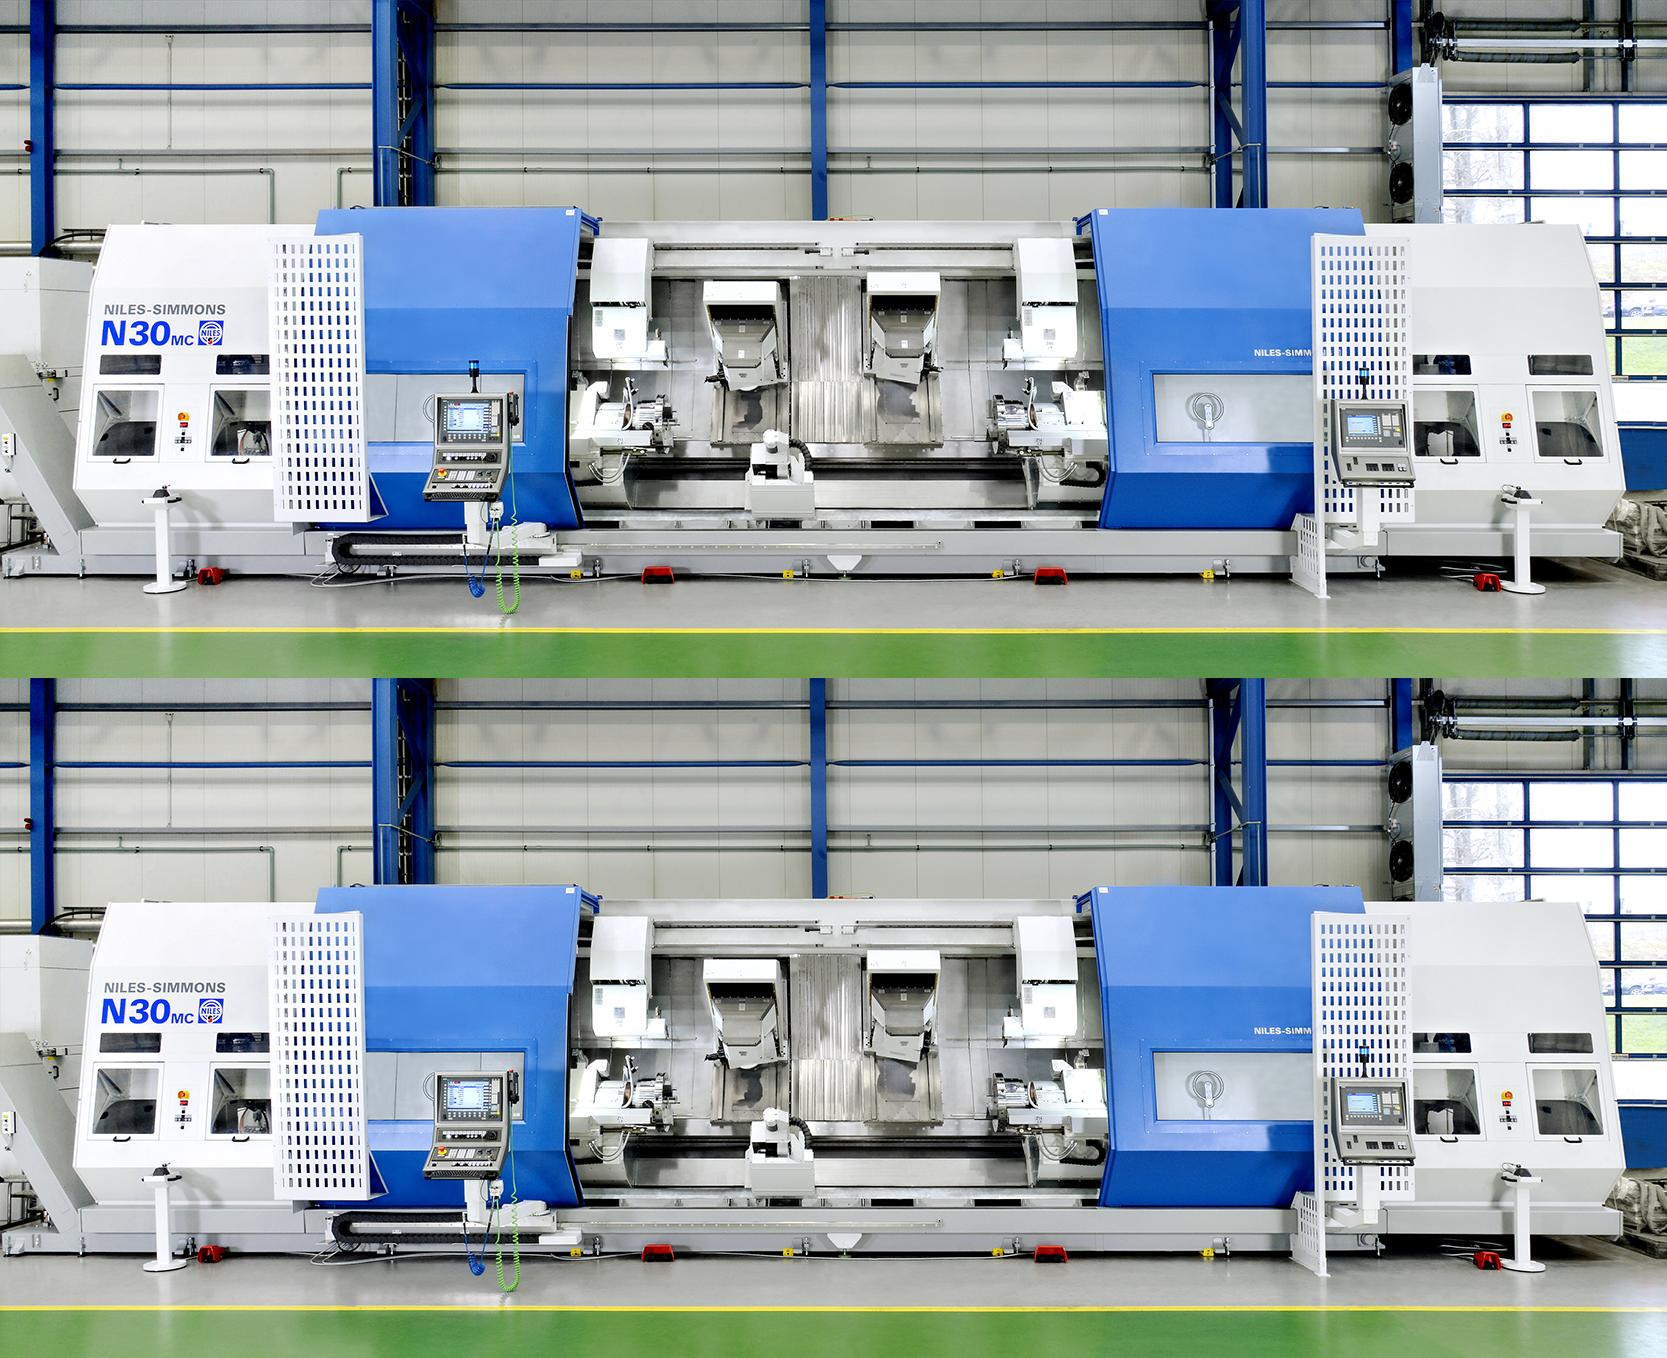 """Dreh-Fräs-Zentrum N30 MC - konfiguriert für das Bearbeitungskonzept """"Closed-Door-Machining"""""""